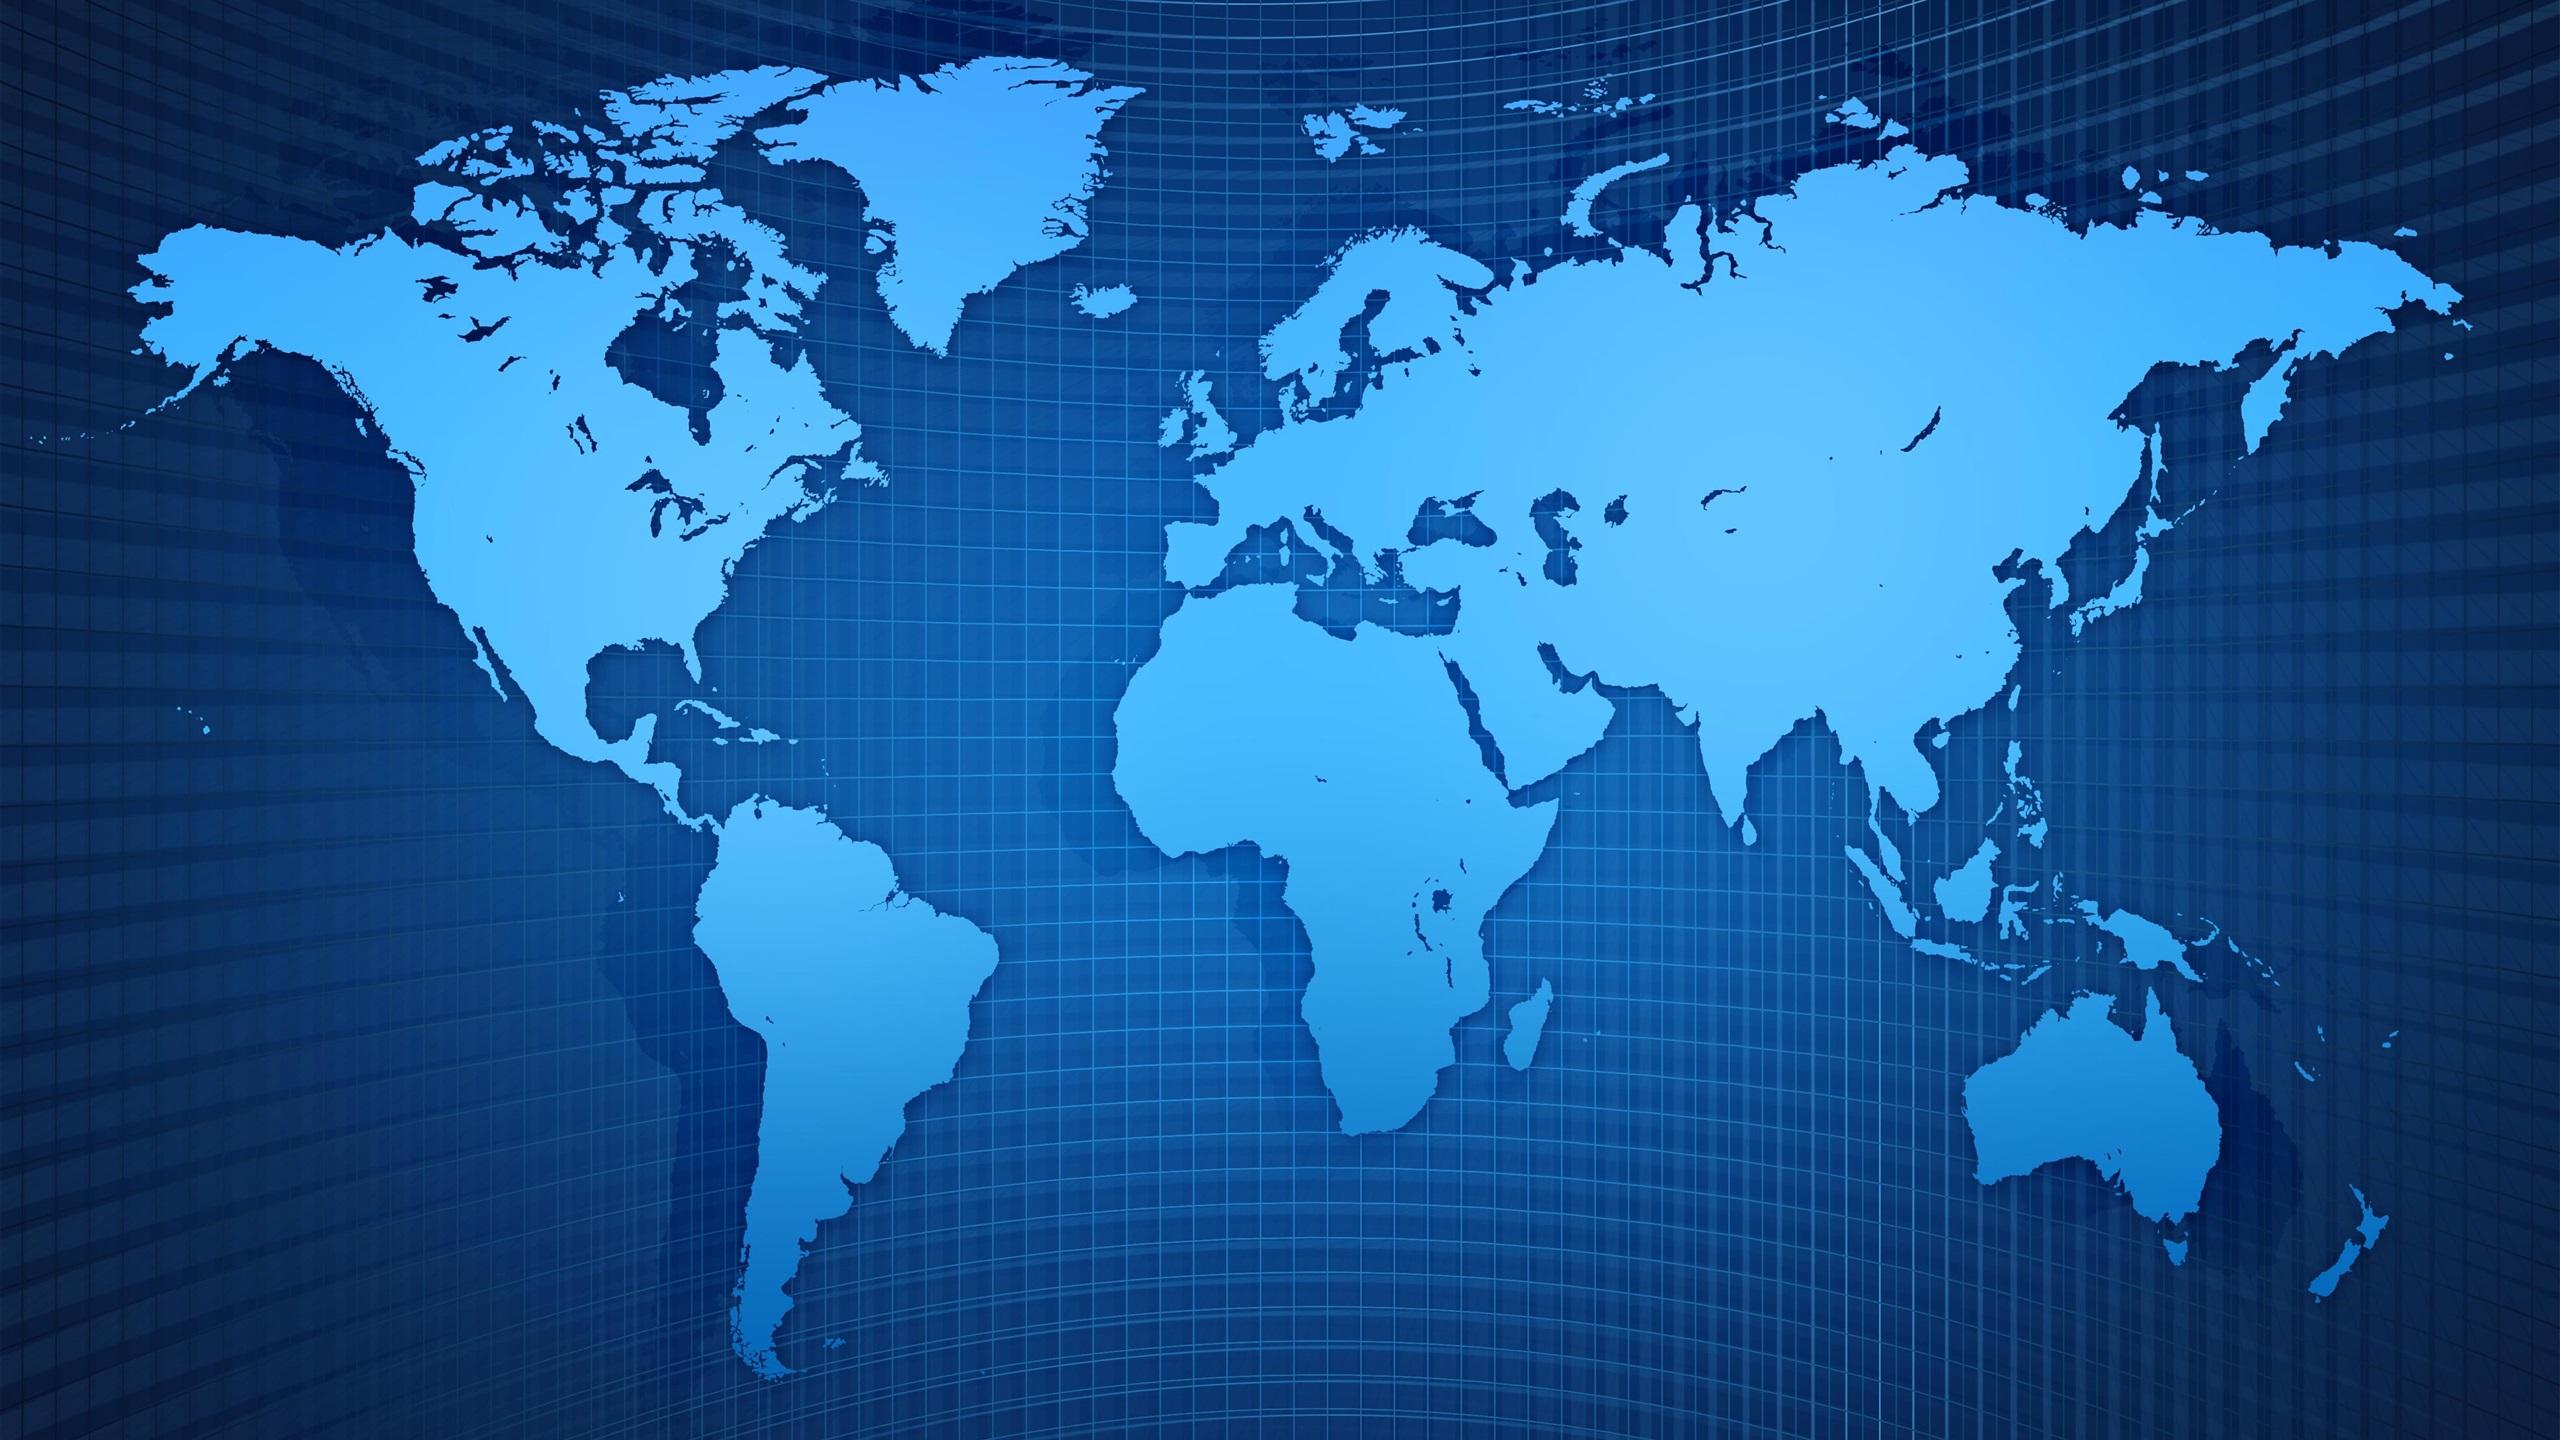 Carte du monde grille bleu de style fonds d 39 cran for Fond ecran qhd